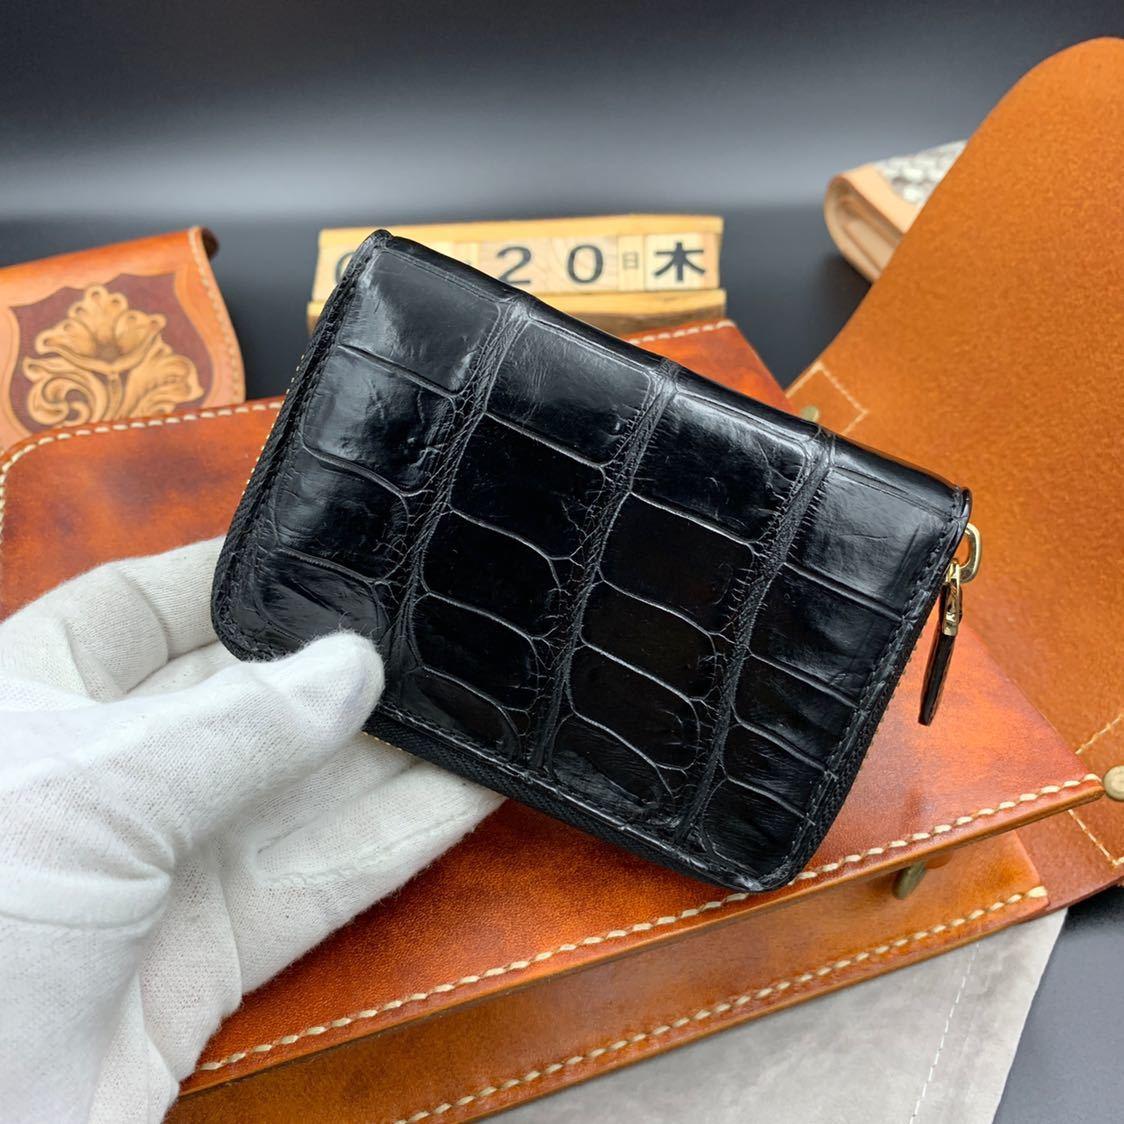 極上※希少特注※ クロコダイル 財布 ラウンドファスナー ワニ革 小銭入れ カードケース ミドルウォレット 新品未使用 実物写真